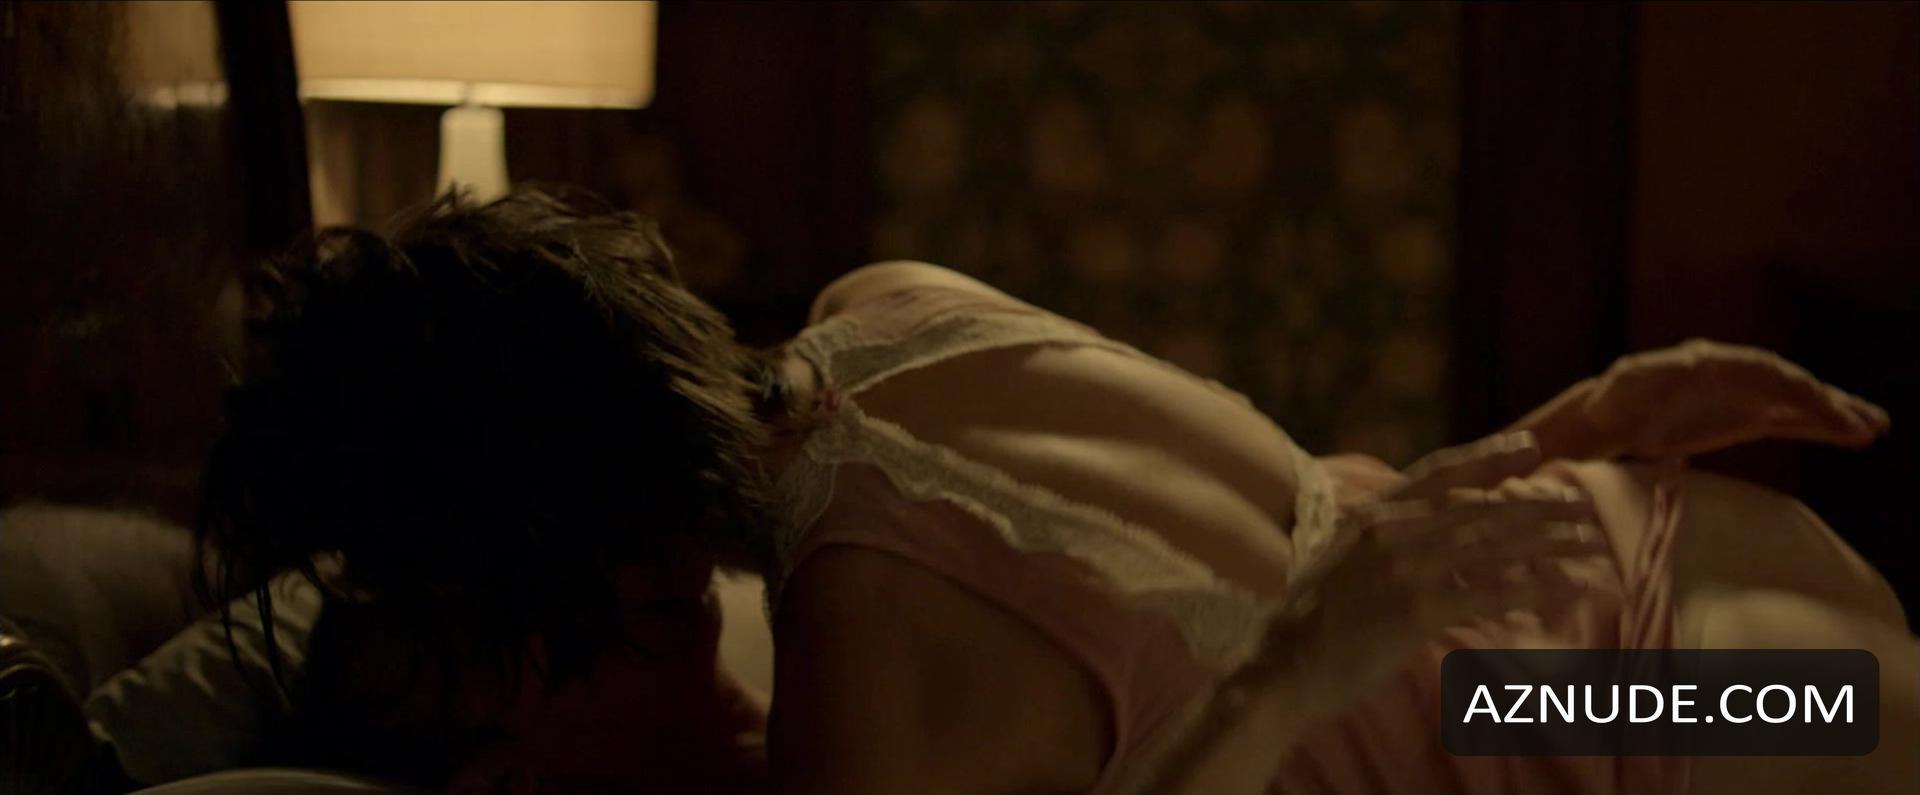 Nude Porn Pics Gay latino huge dicks